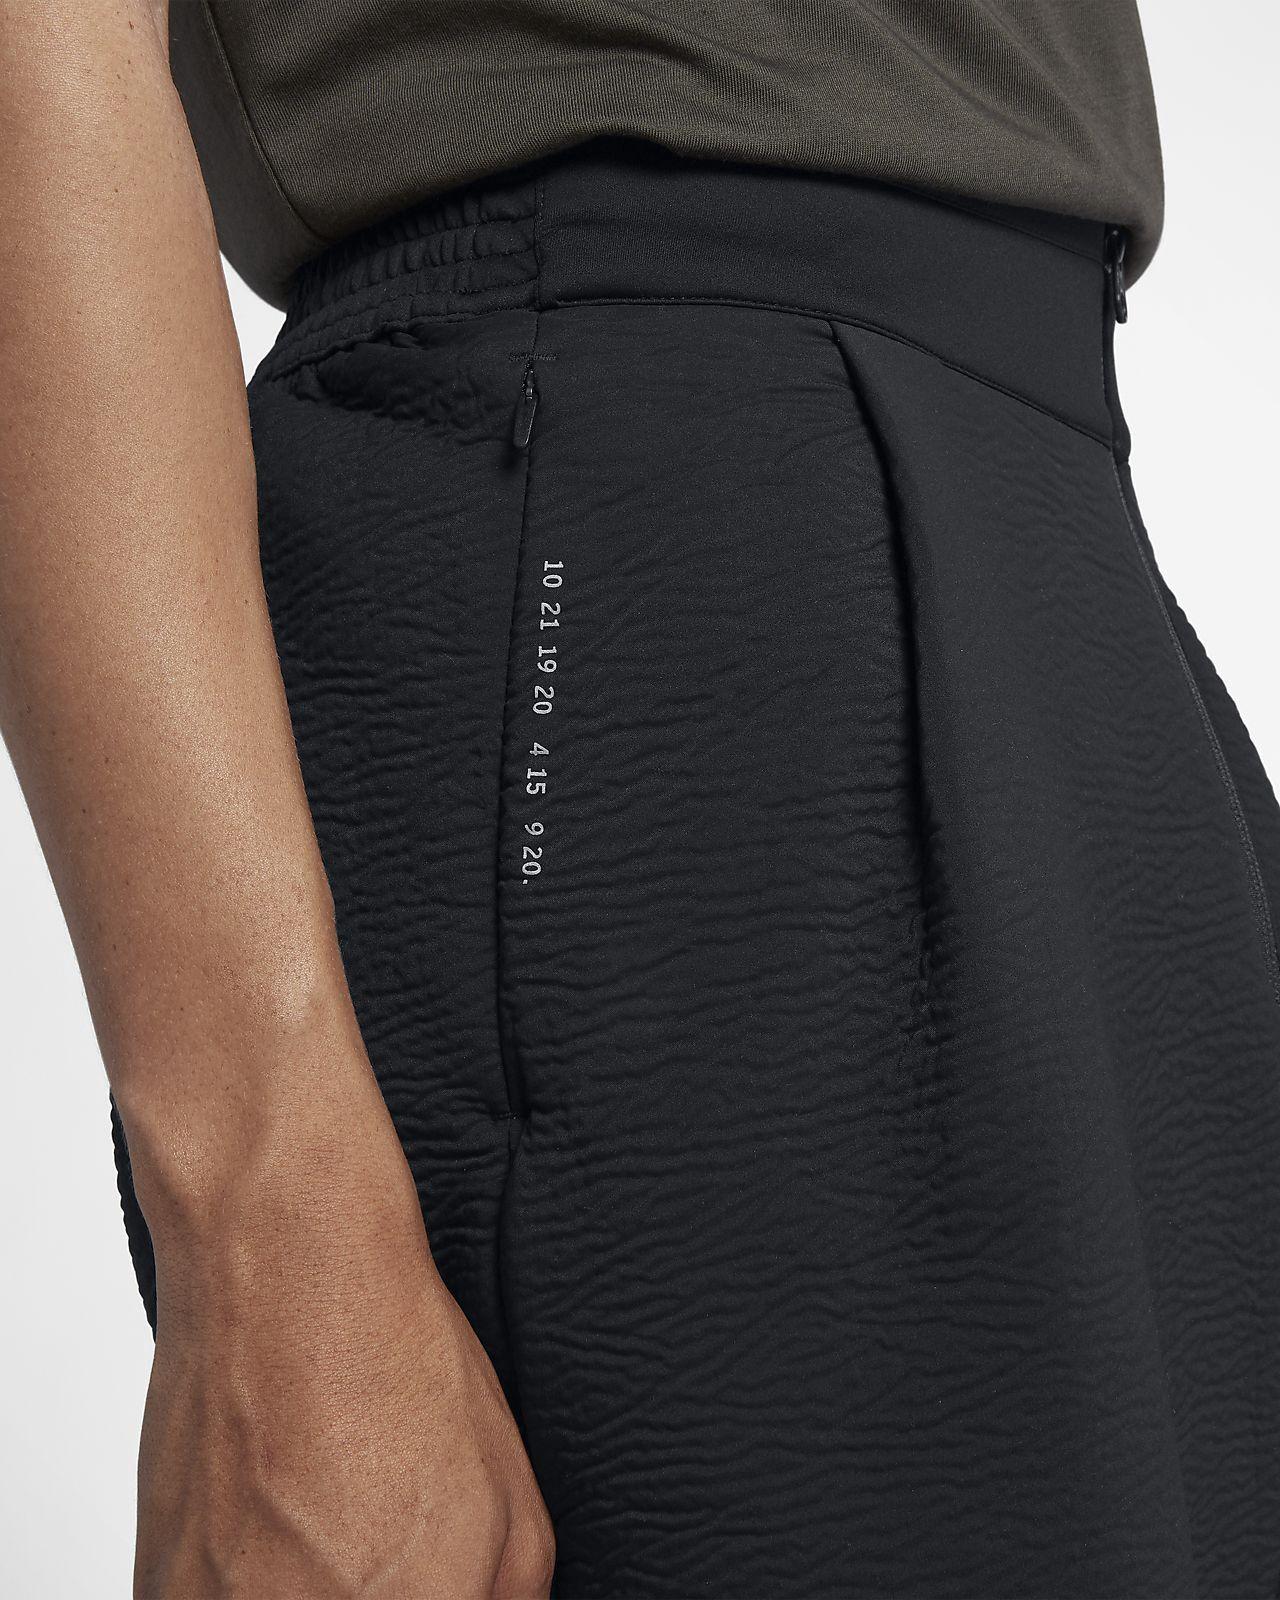 0fe5f8601a5588 Nike Sportswear Tech Pack Women s Woven Pants - 2Xl (20–22)